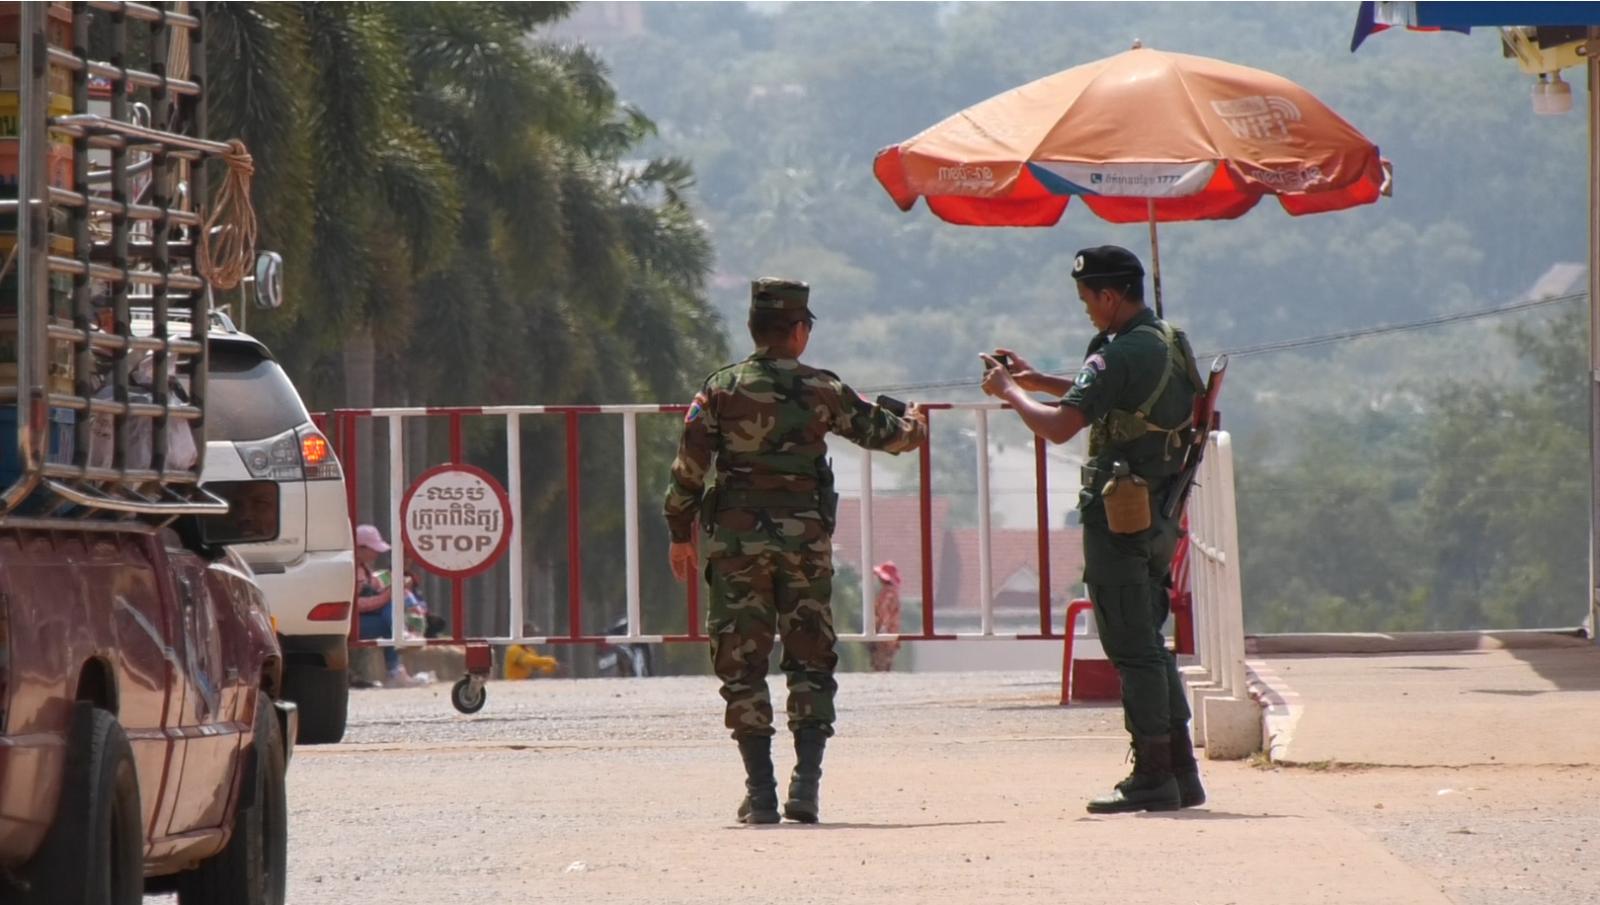 """ชายแดนสุรินทร์ ทหารกัมพูชาเสริมกำลัง สกัด """"สม รังสี"""" เดินทางเข้าประเทศ"""